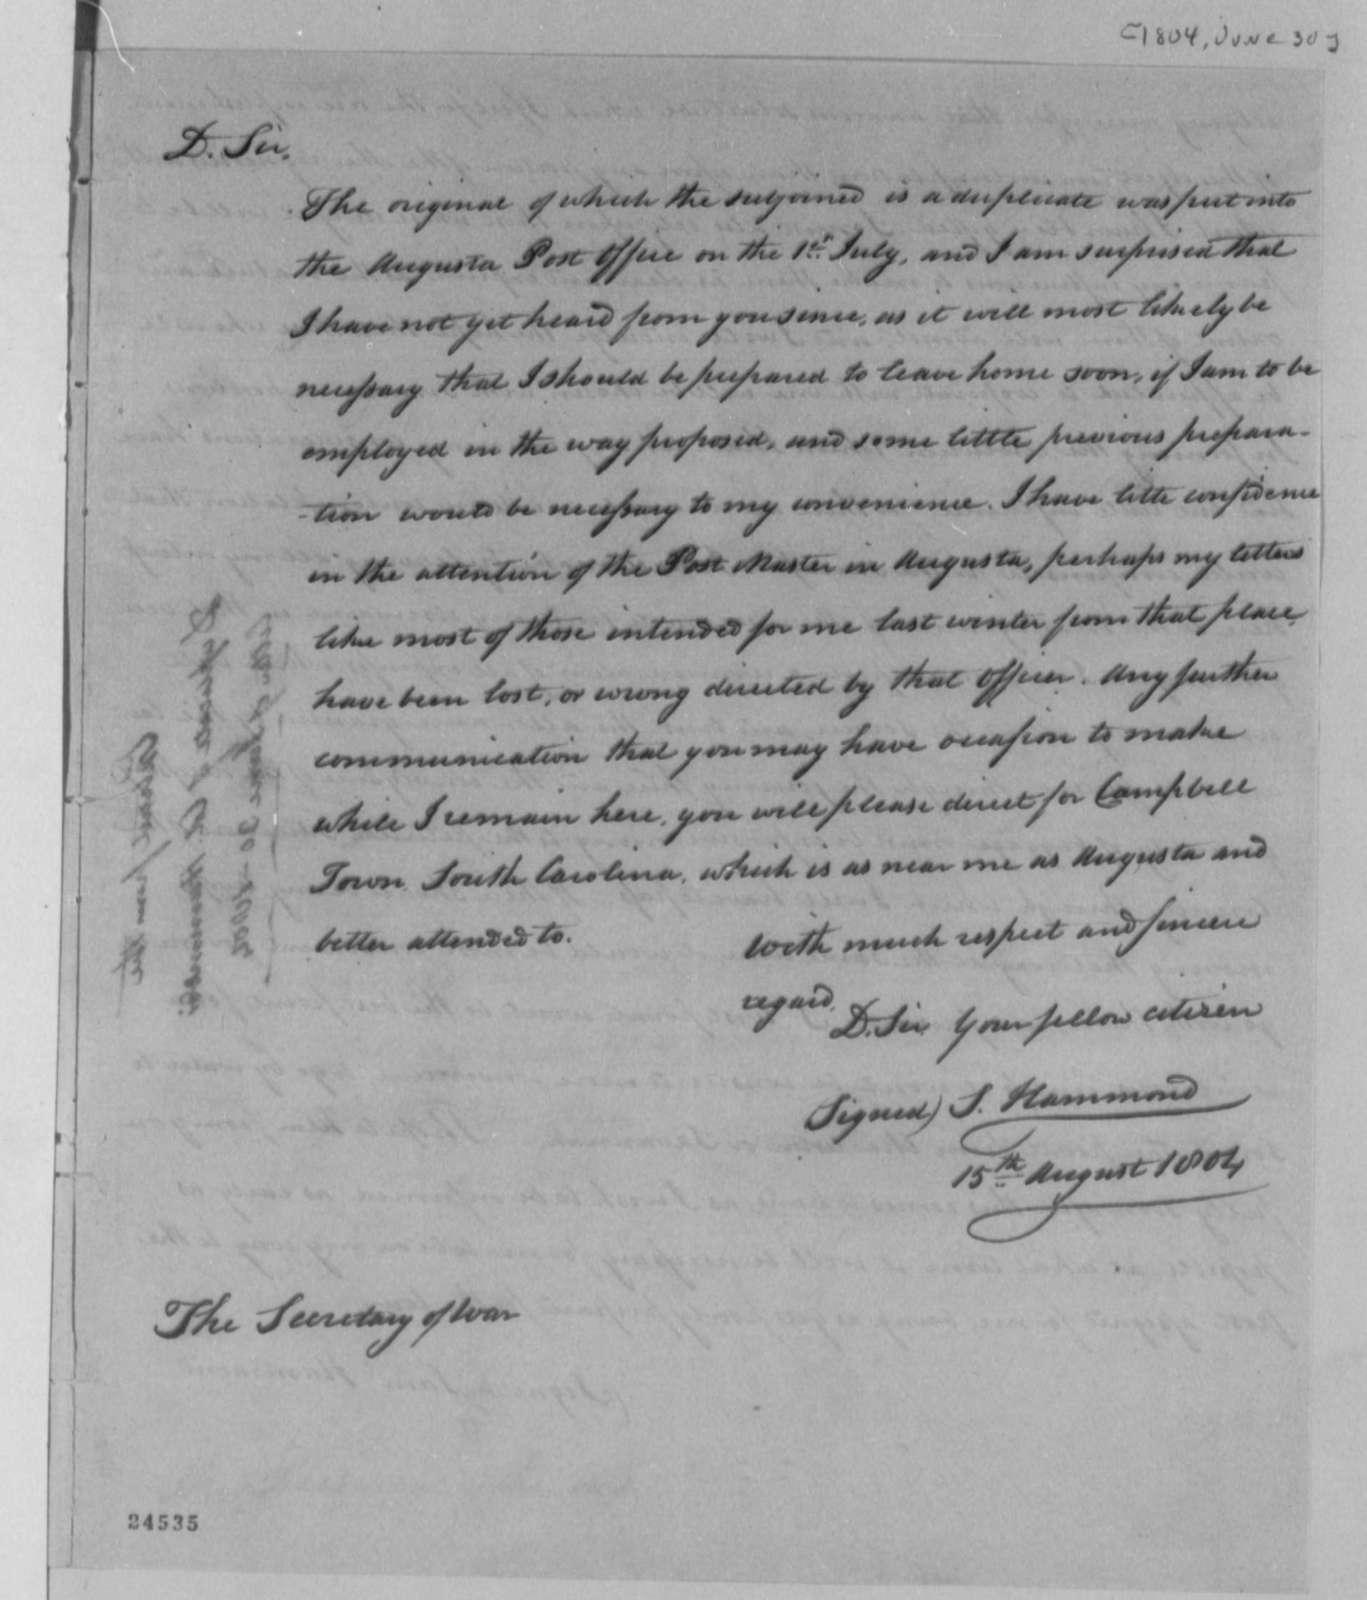 Samuel Hammond to Henry Dearborn, August 15, 1804